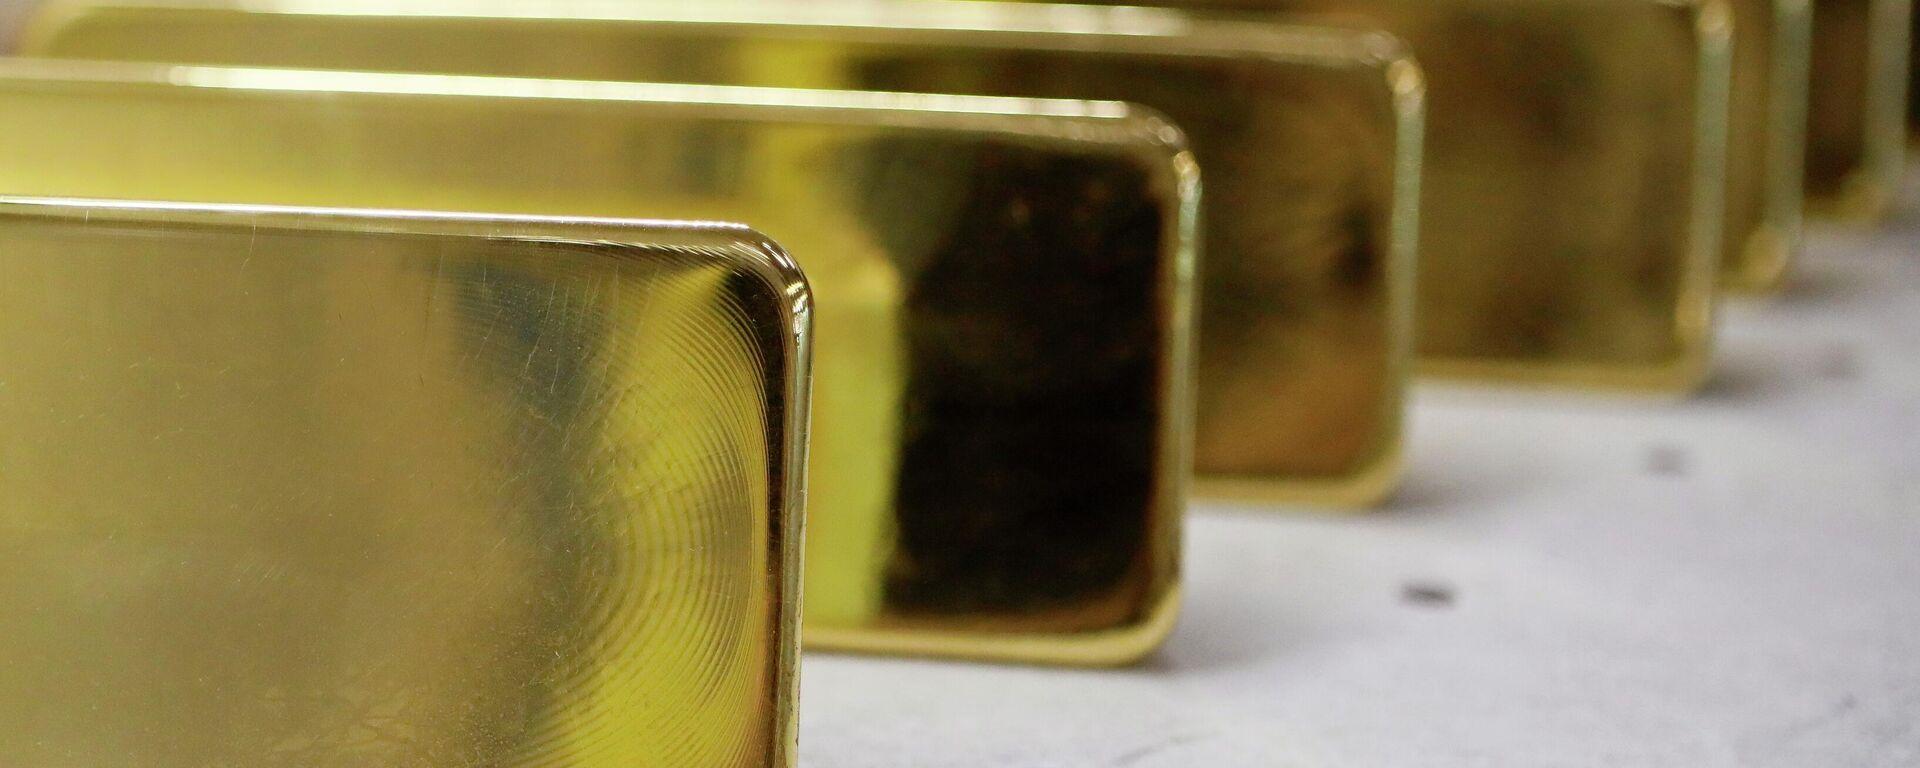 Lingotes de oro - Sputnik Mundo, 1920, 13.07.2021